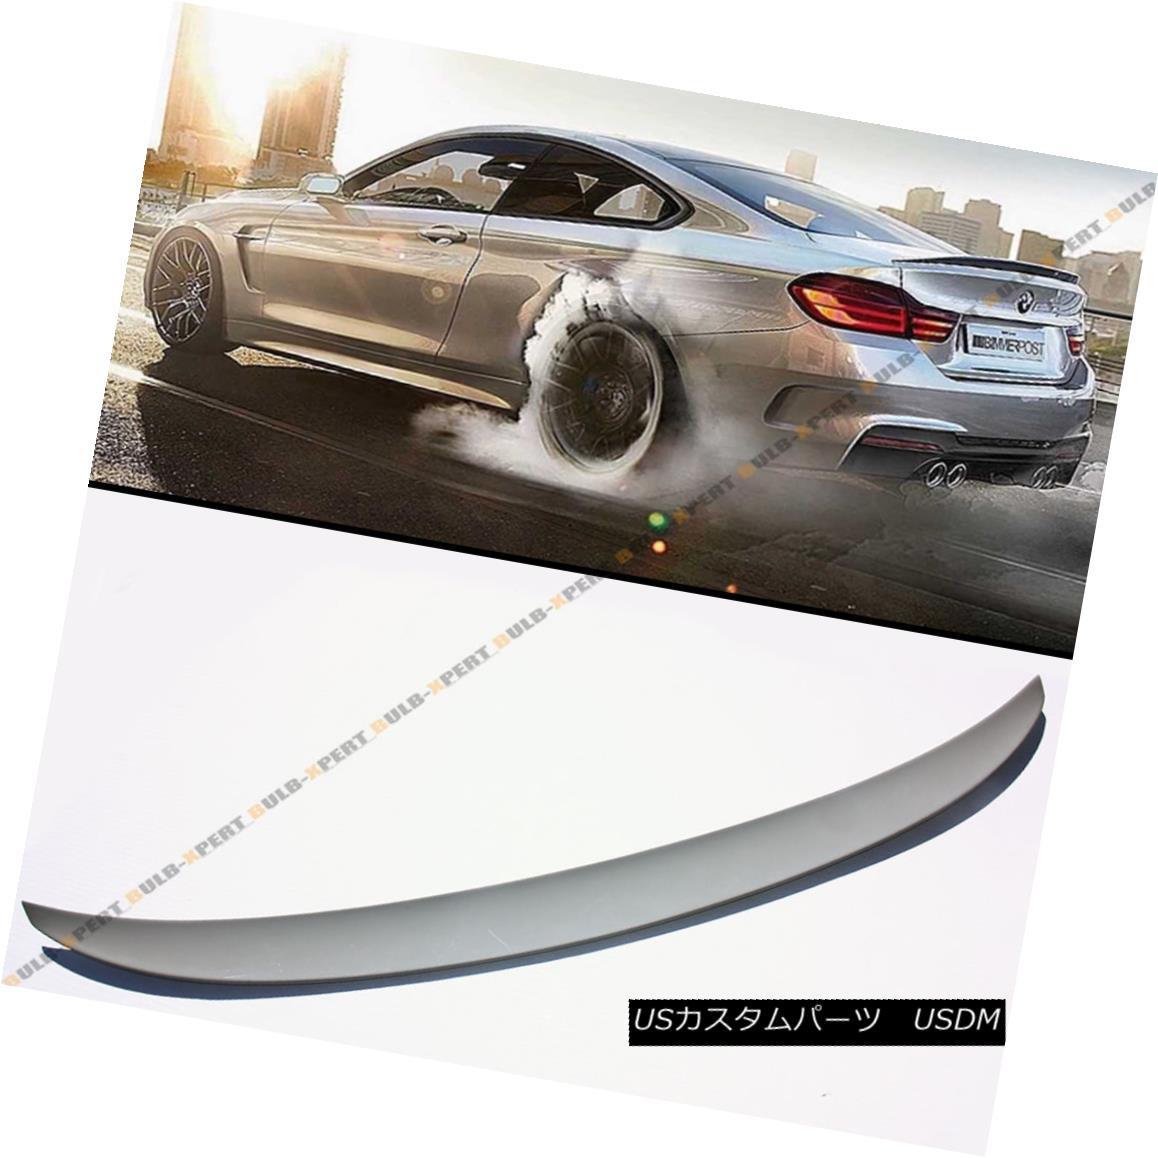 エアロパーツ PERFORMANCE STYLE PRIMERED FRP TRUNK SPOILER WING FOR BMW F32 428i 438i & M4 BMW F32 428i 438i& F32用のパフォーマンススタイルのプリミティブFRP TRUNK SPOILER WING M4